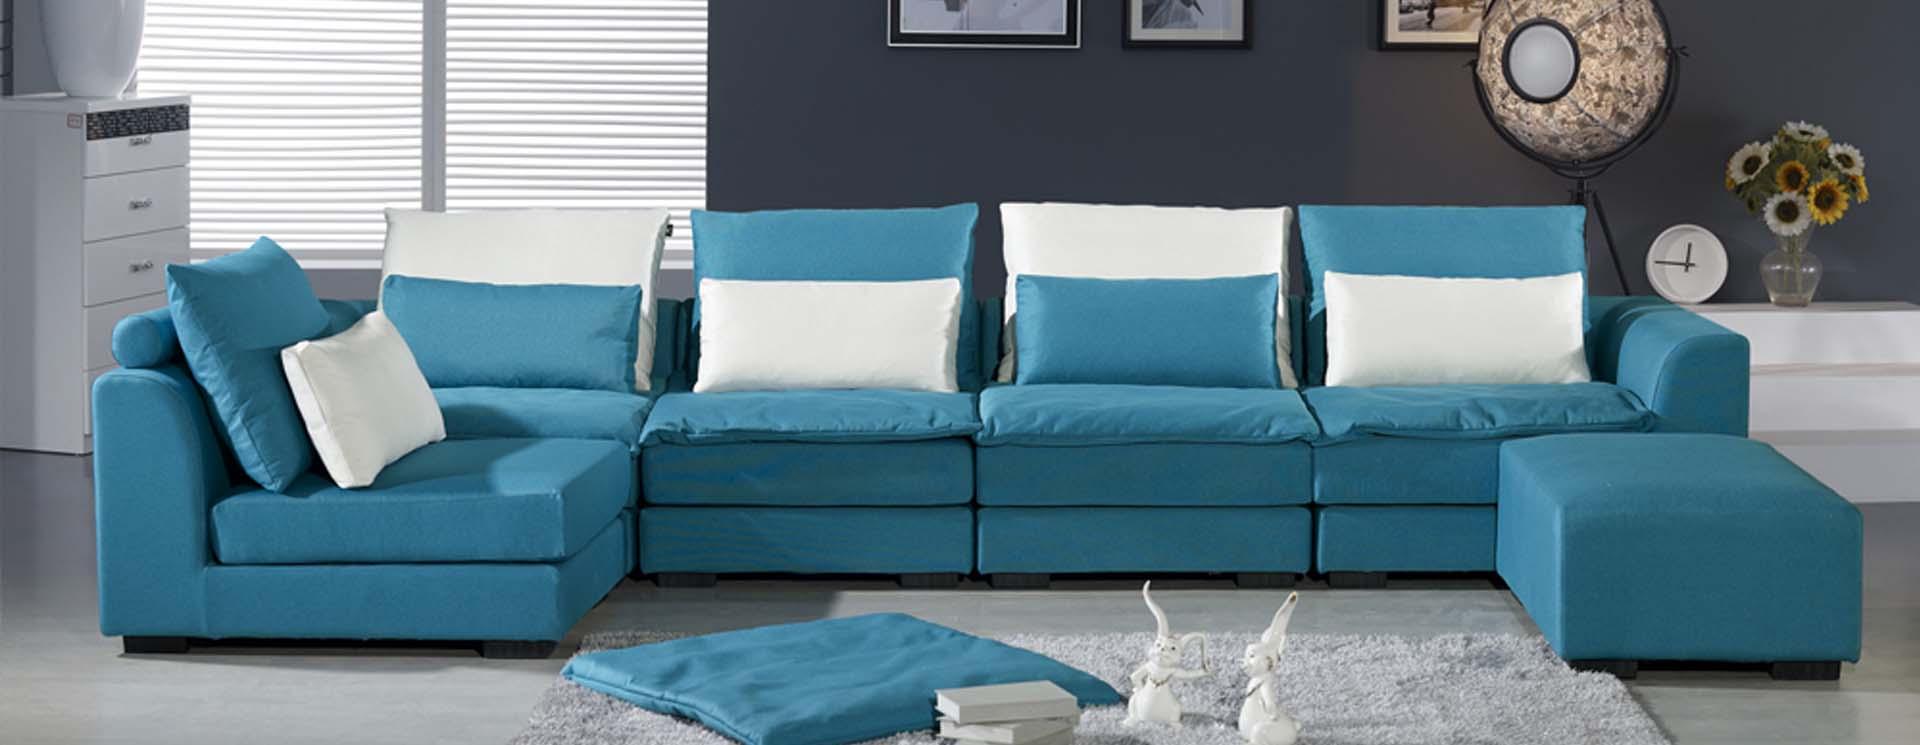 名称:沙发K593#A<br/> 市场价:<font style='color:#999;text-decoration:line-through;'>¥0</font><br />全国统一零售价:<font color='Red'>¥0.0</font>